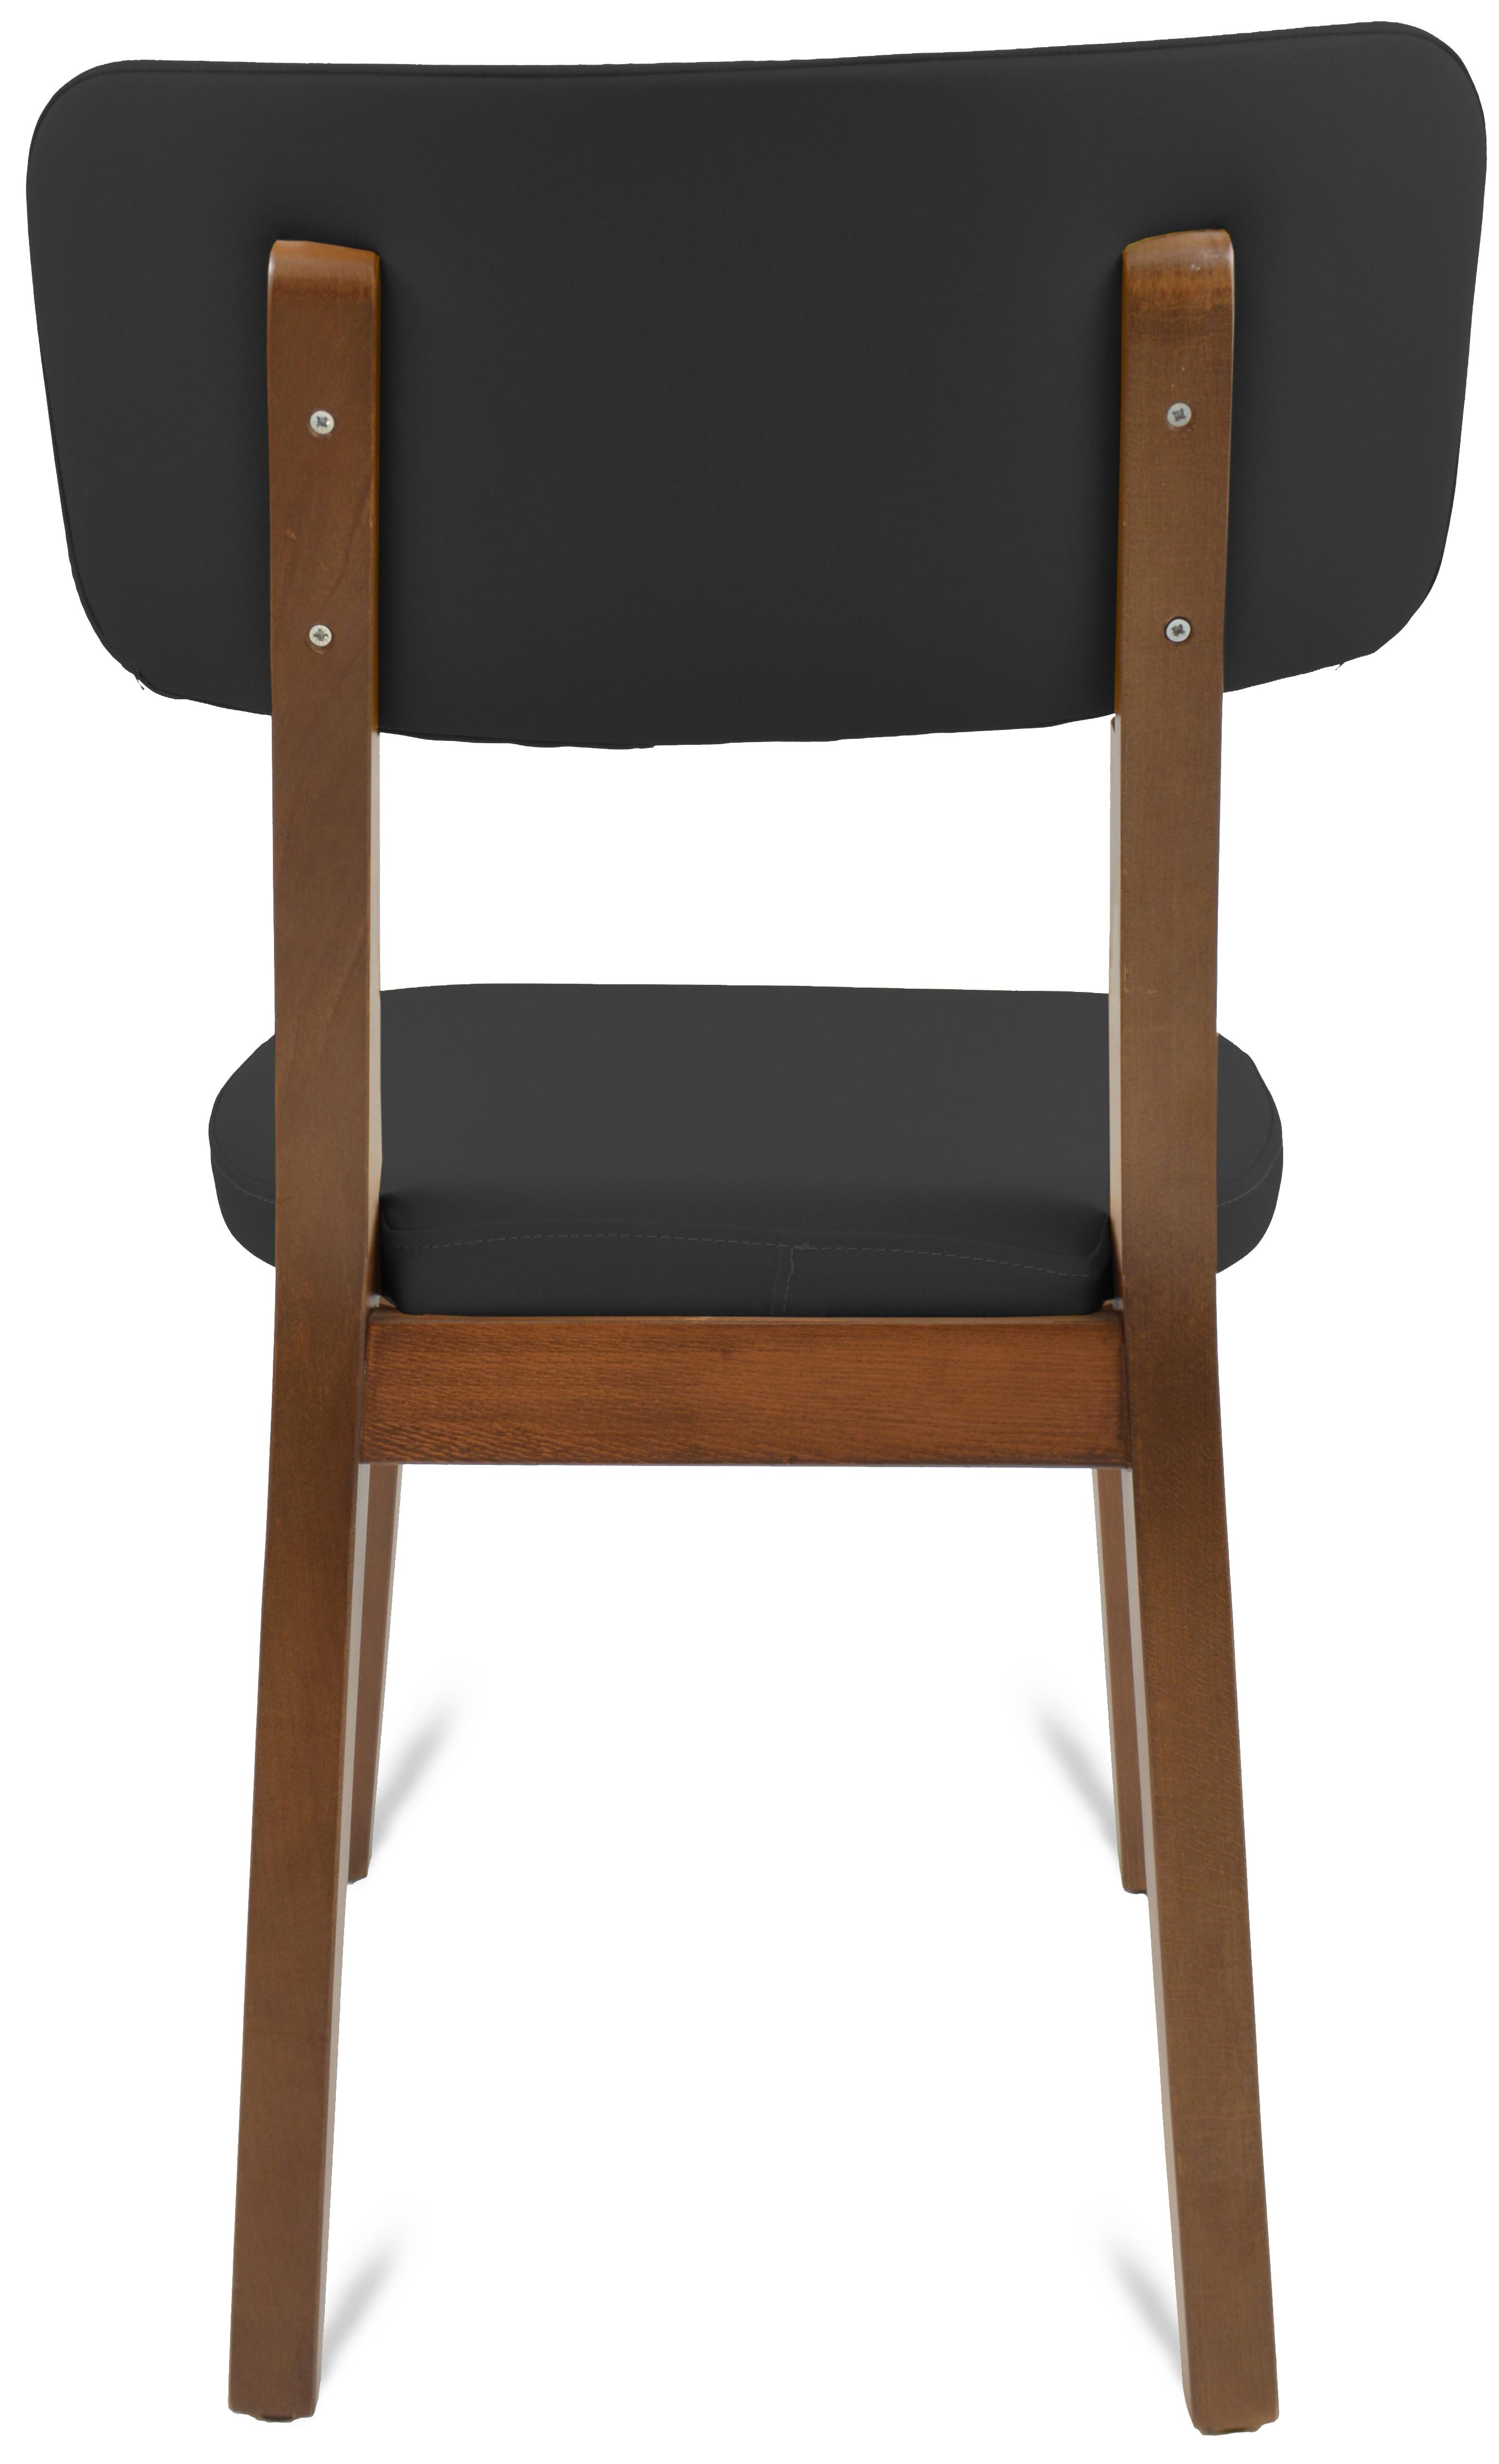 gastro restaurant stuhl tamara schwarz g nstig kaufen m bel star. Black Bedroom Furniture Sets. Home Design Ideas